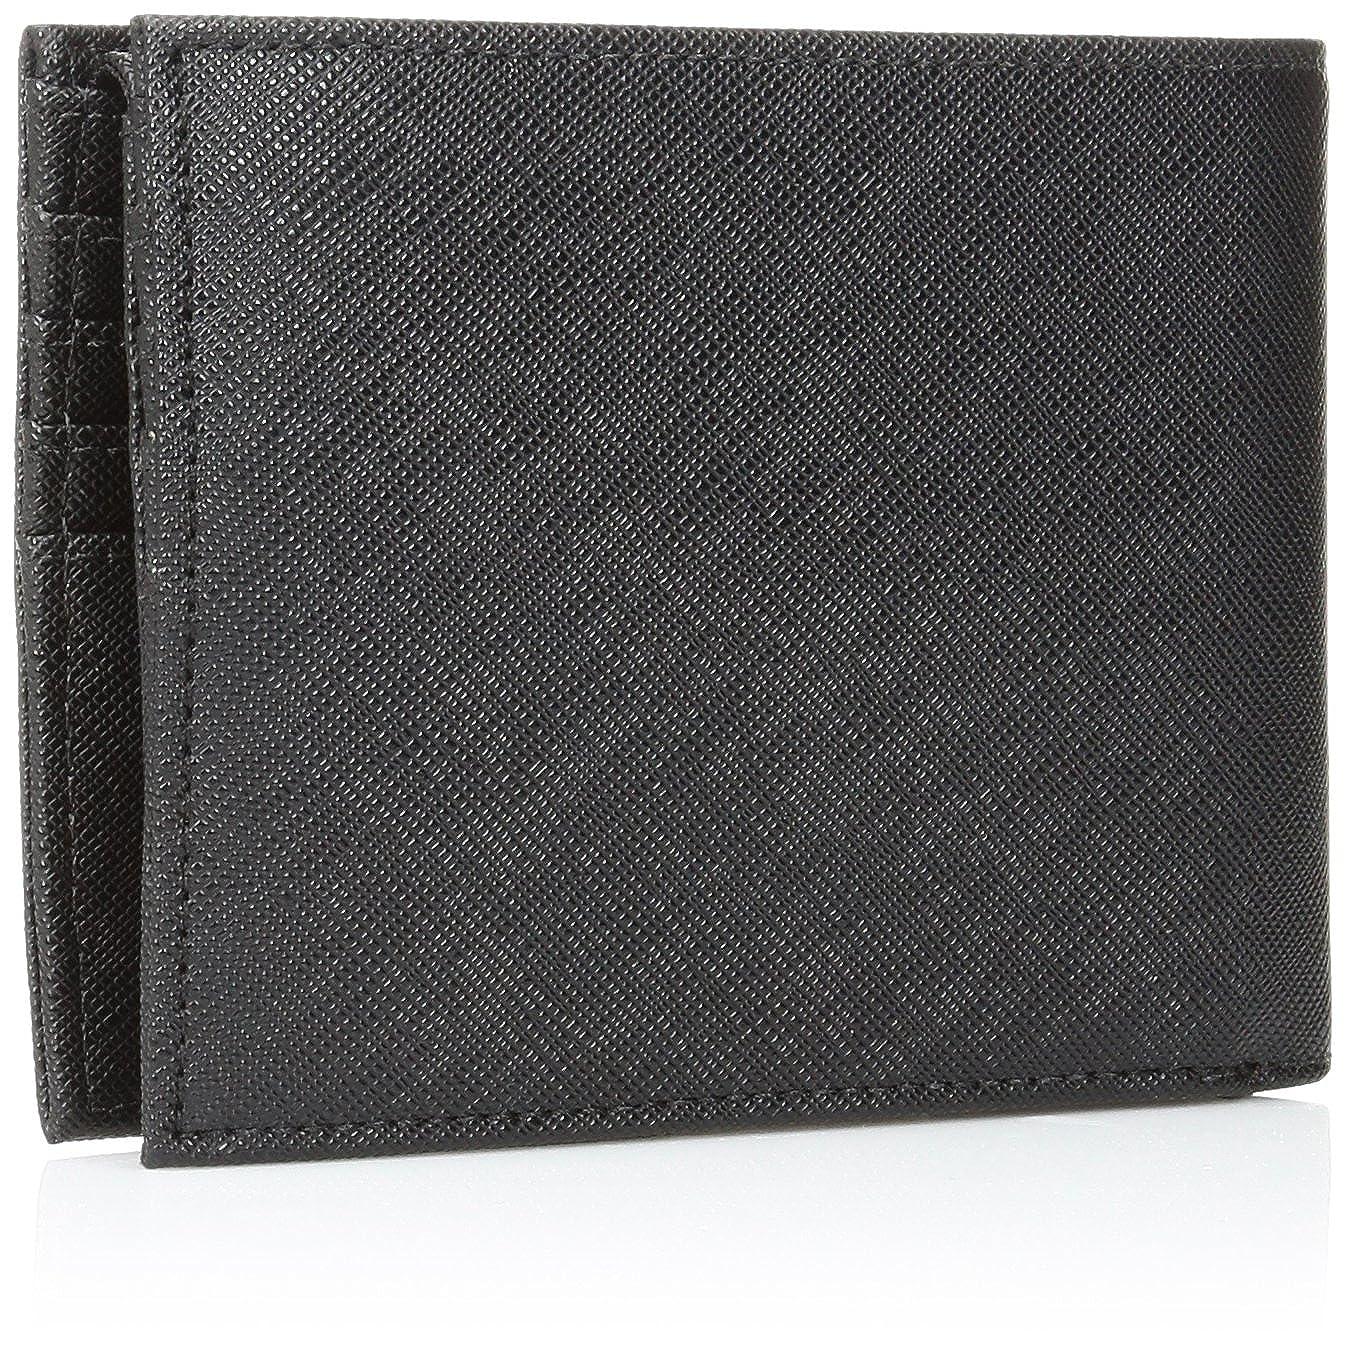 ecf07d8a94e13 Armani Jeans Herren Strukturierte Geldbörse Schwarz Ein Größe  Amazon.de   Bekleidung